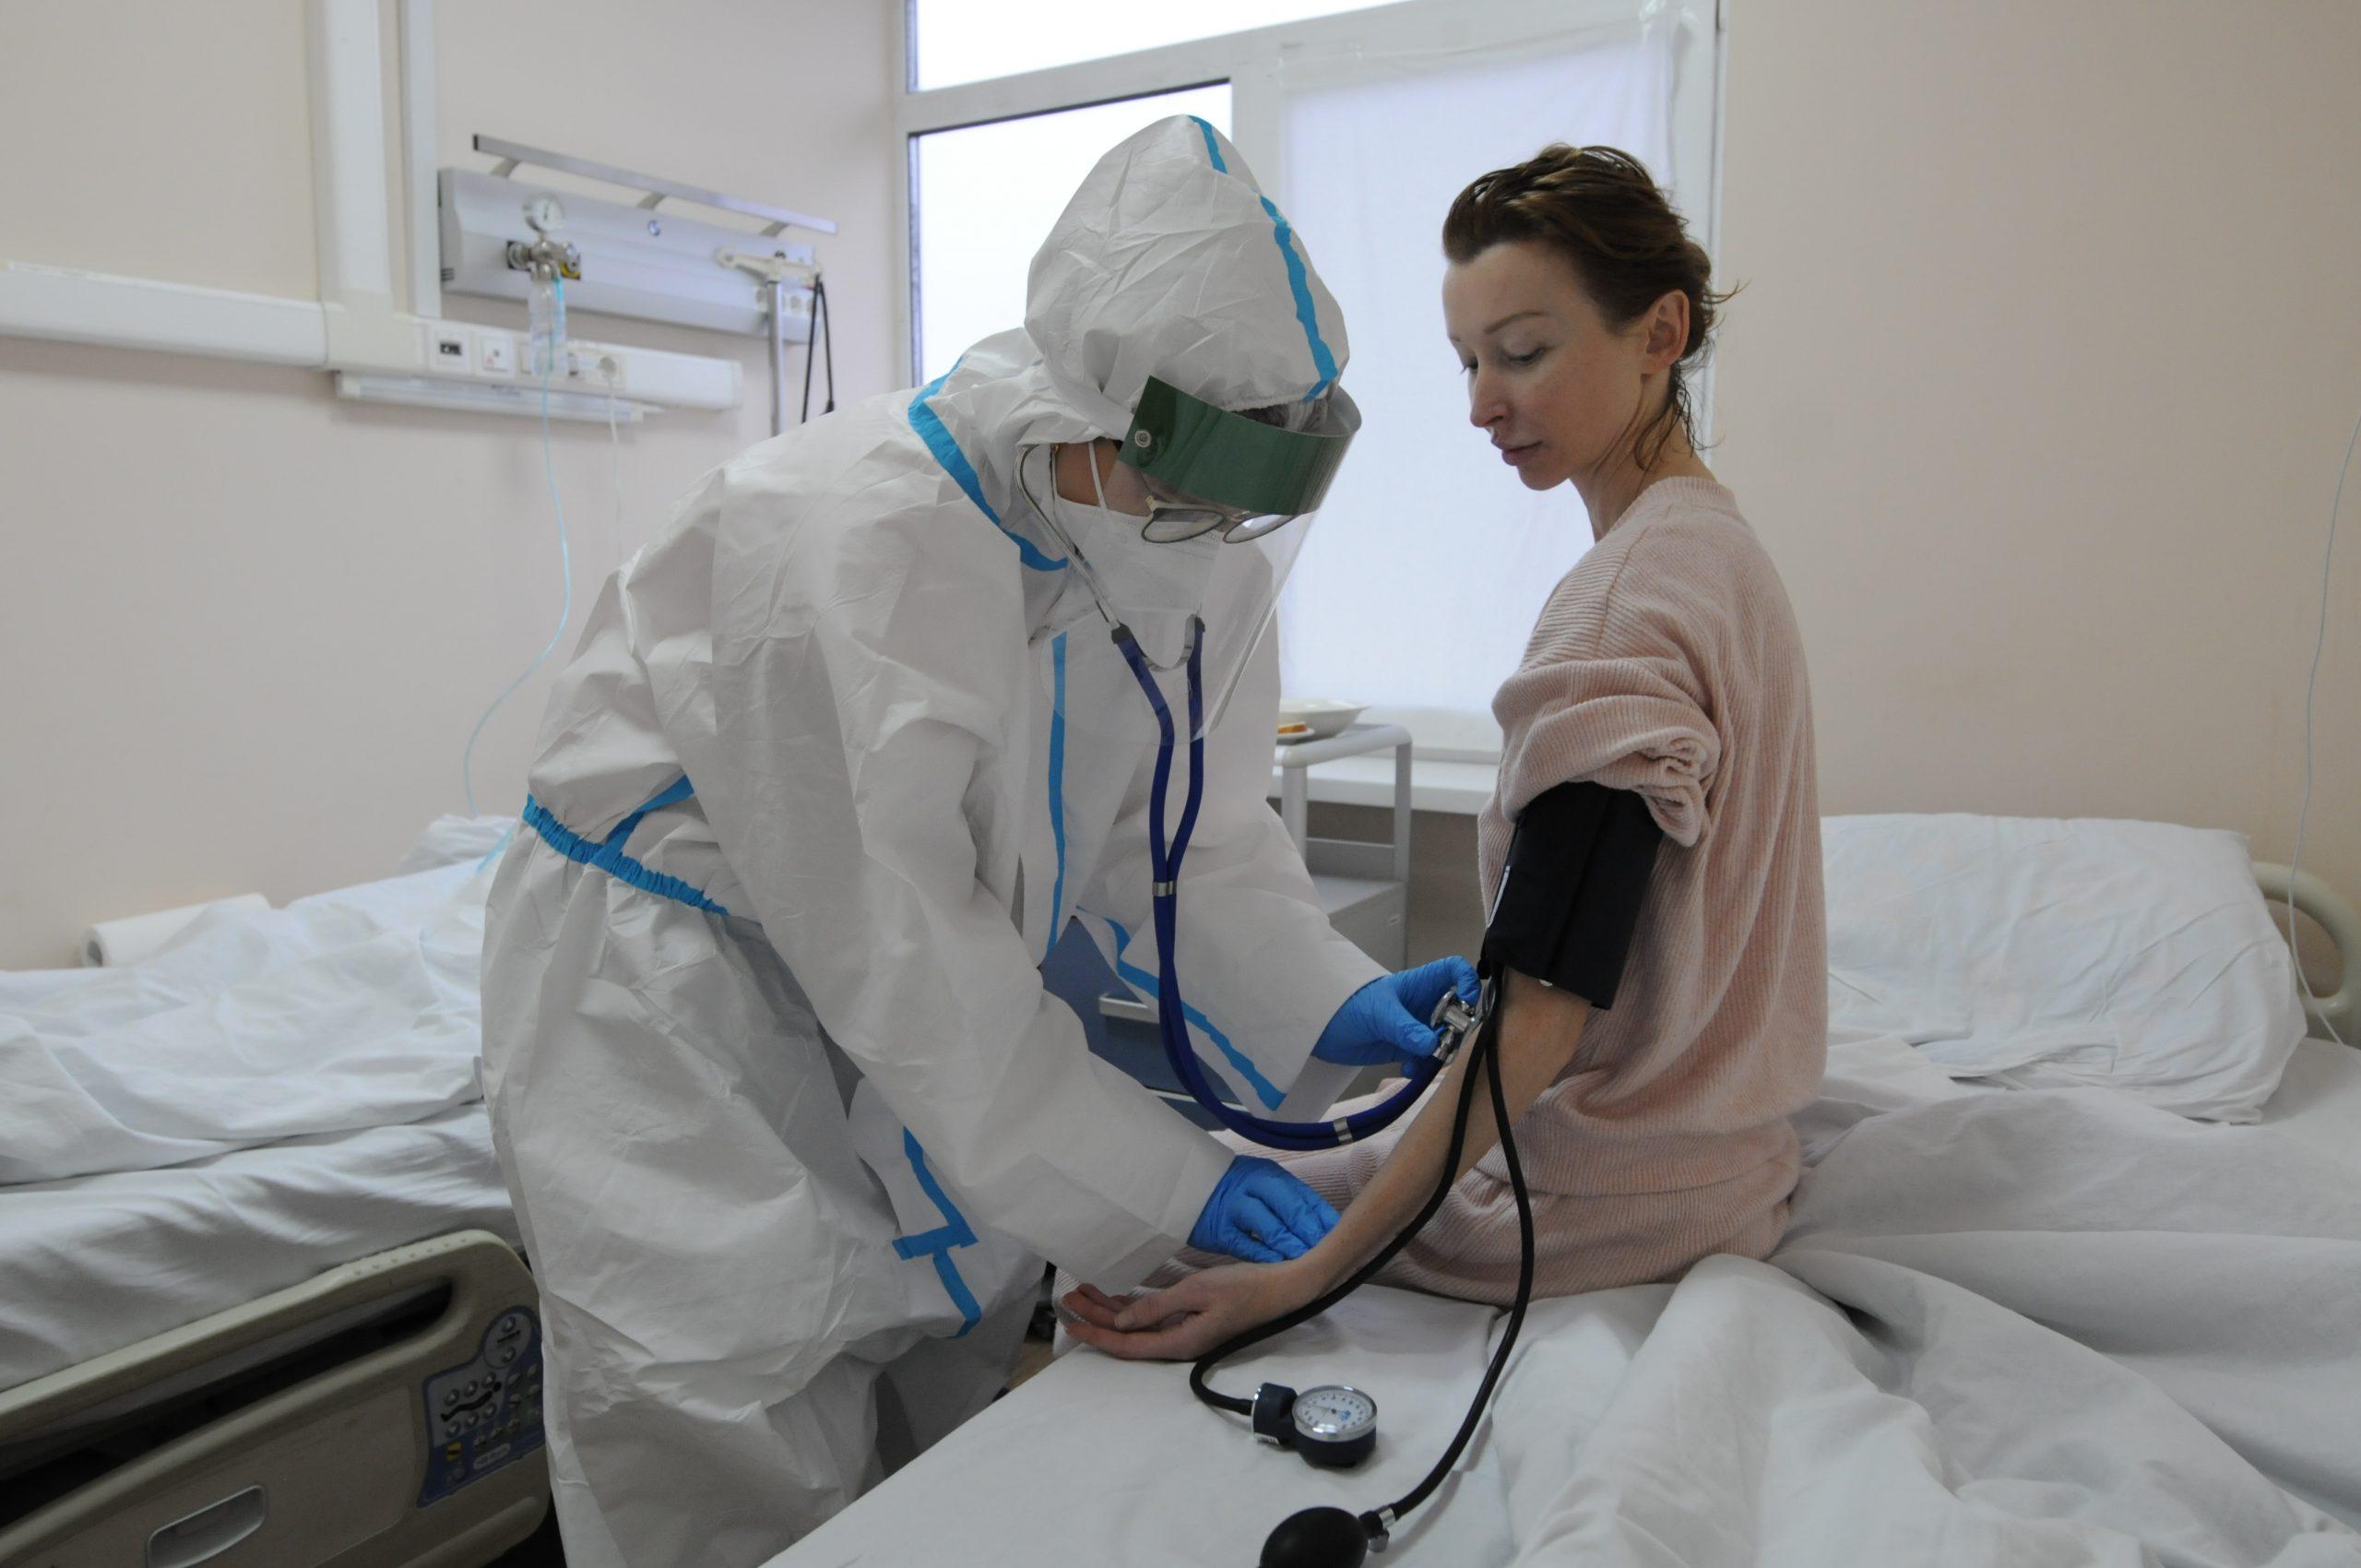 Статистику по коронавирусу опубликовали представители Оперативного штаба